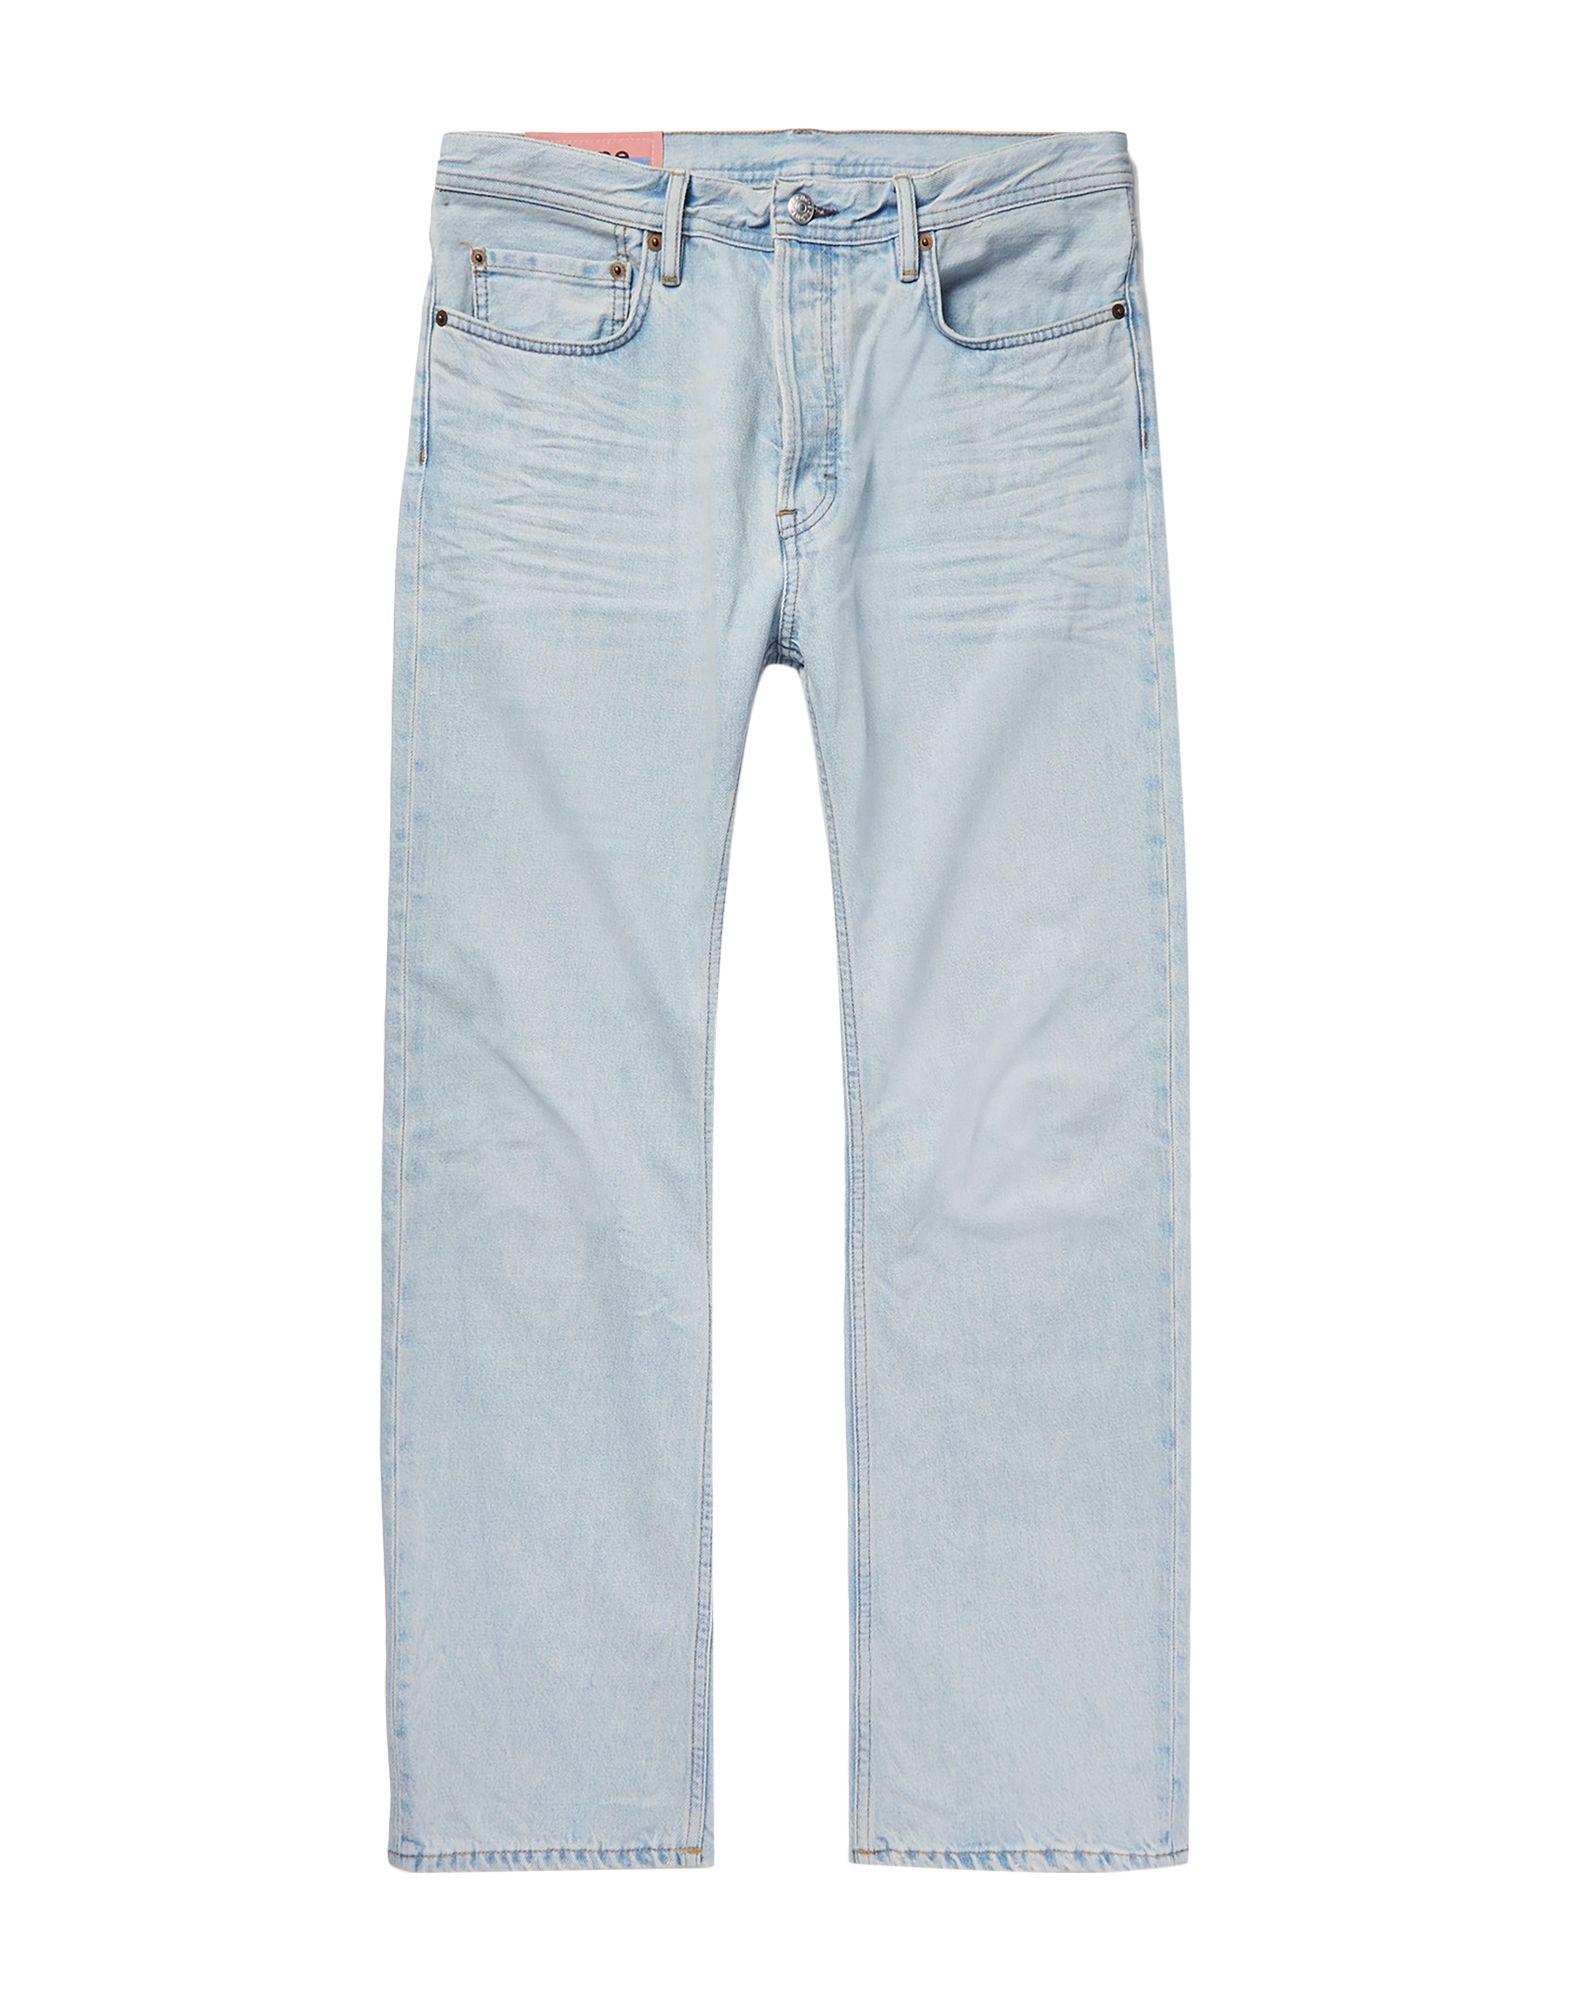 ACNE STUDIOS BLÅ KONST Джинсовые брюки